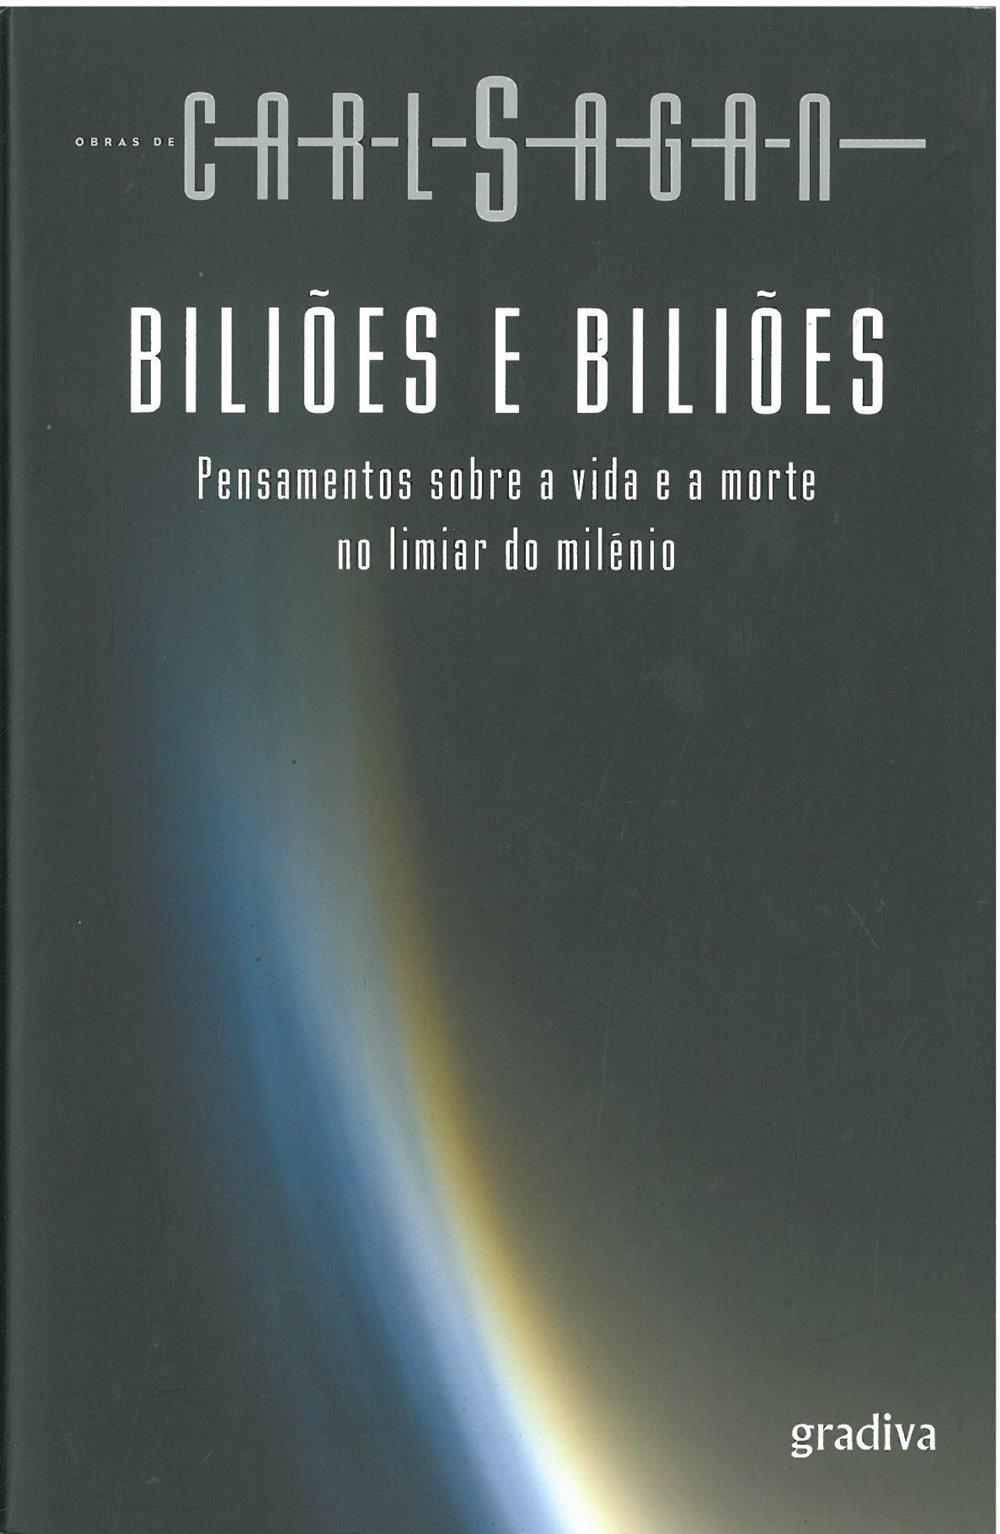 Biliões e biliões_.jpg